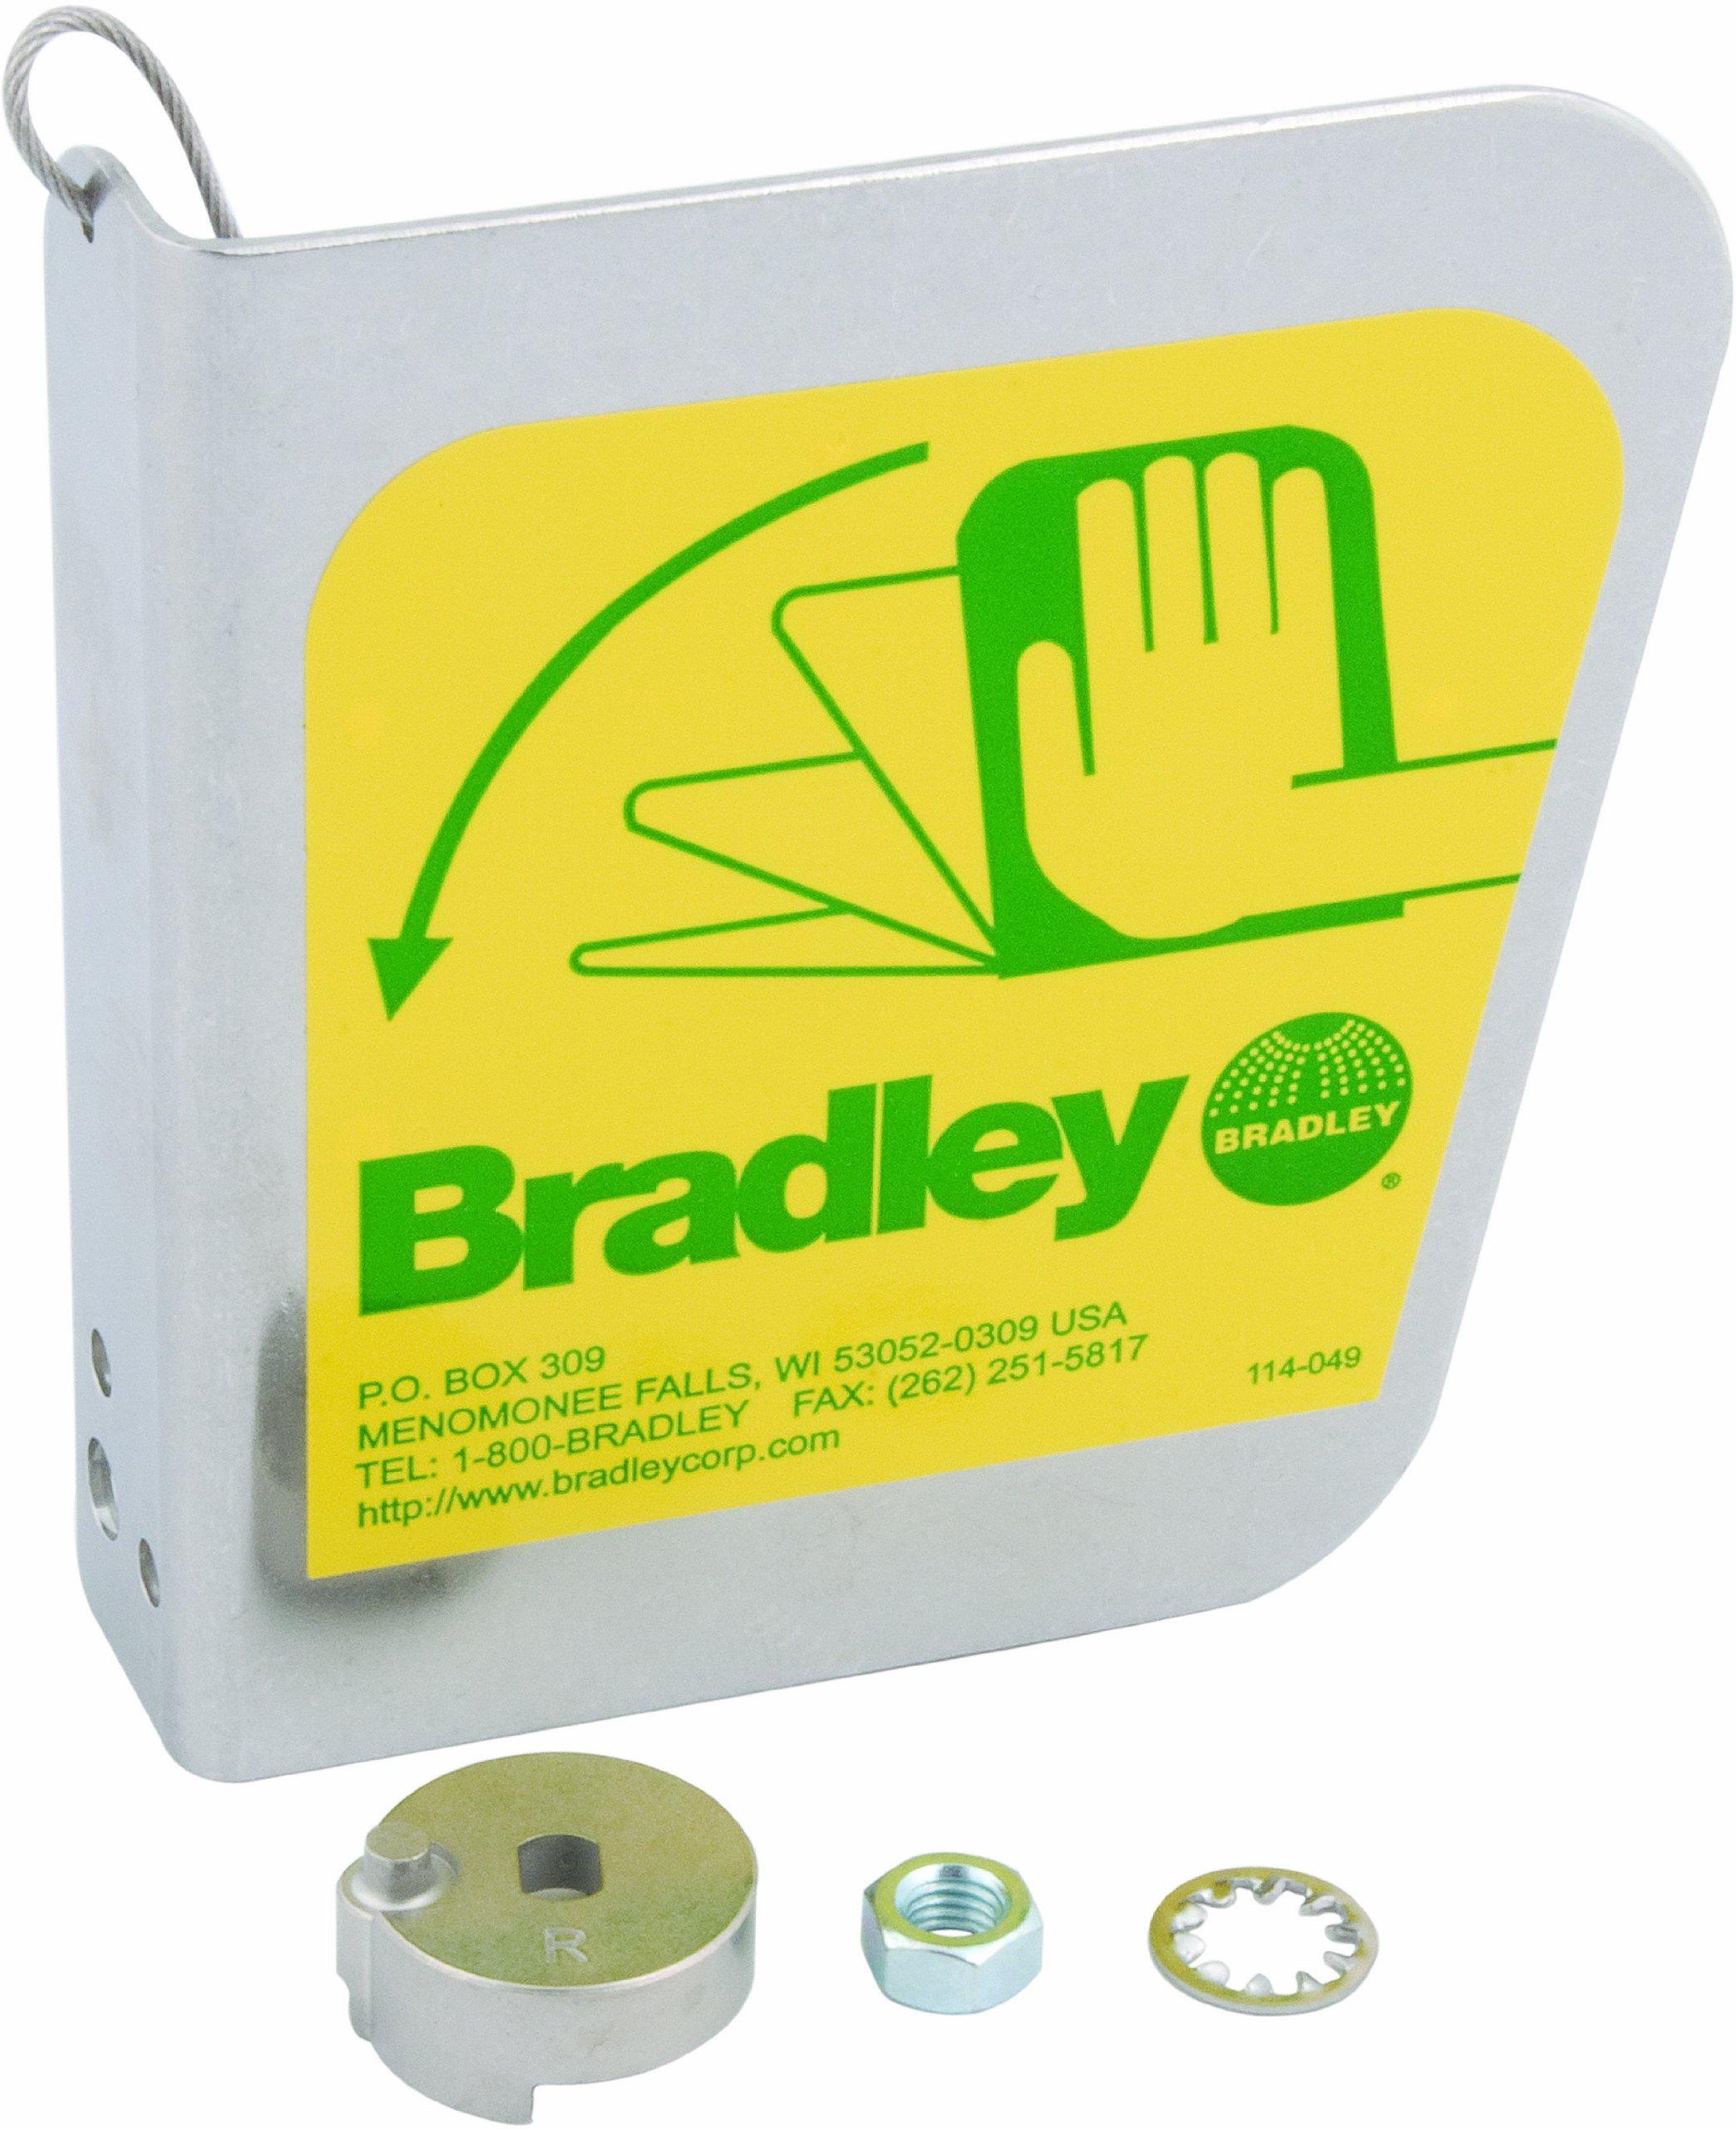 Bradley S30-087 Stainless Steel Eyewash Dust Cover Handle